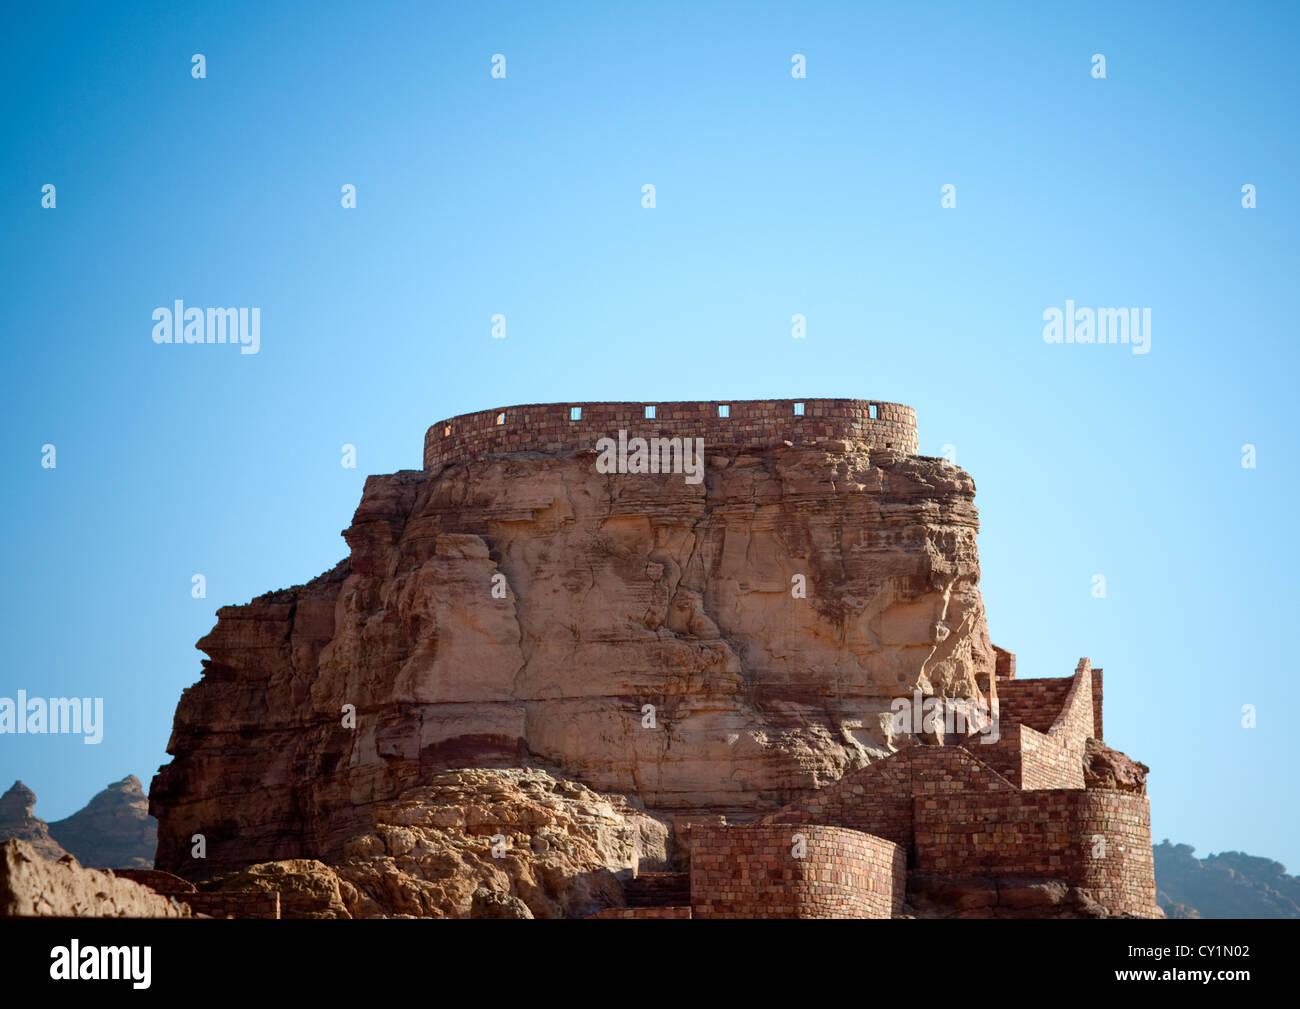 Al Ula Old Fort, Saudi Arabia - Stock Image